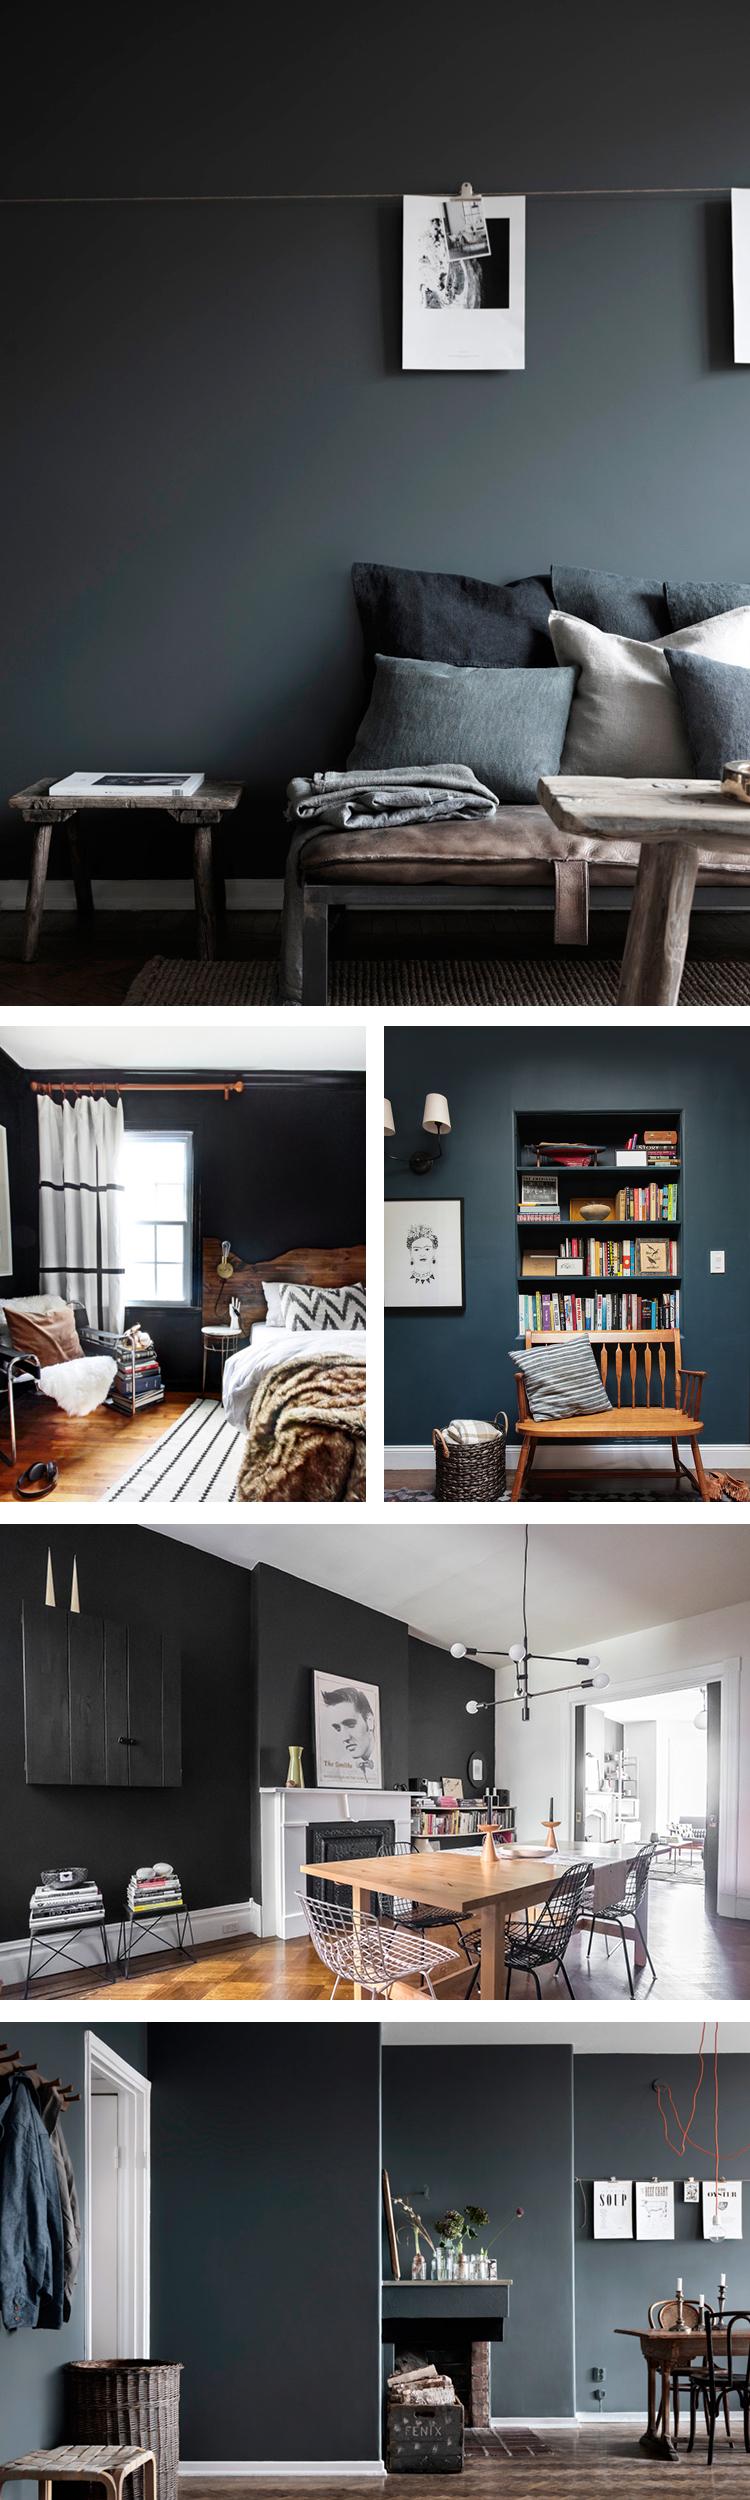 loveonsunday-basement-makeover-inspiration.jpg